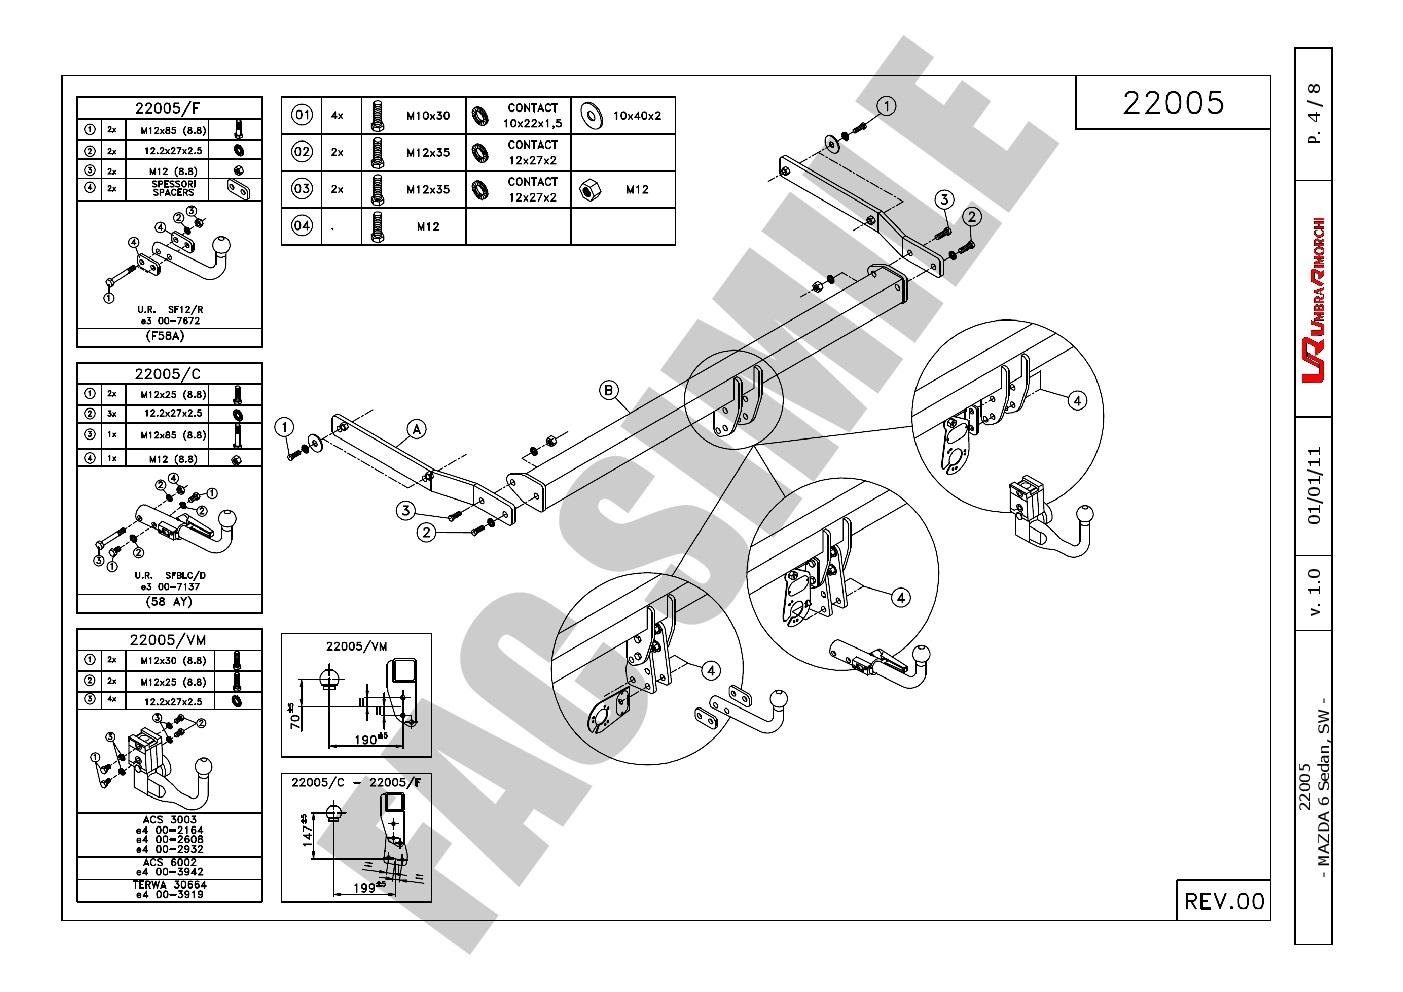 Detachable Towbar 7p Bypass Relay For Mazda 6 Estate Excl